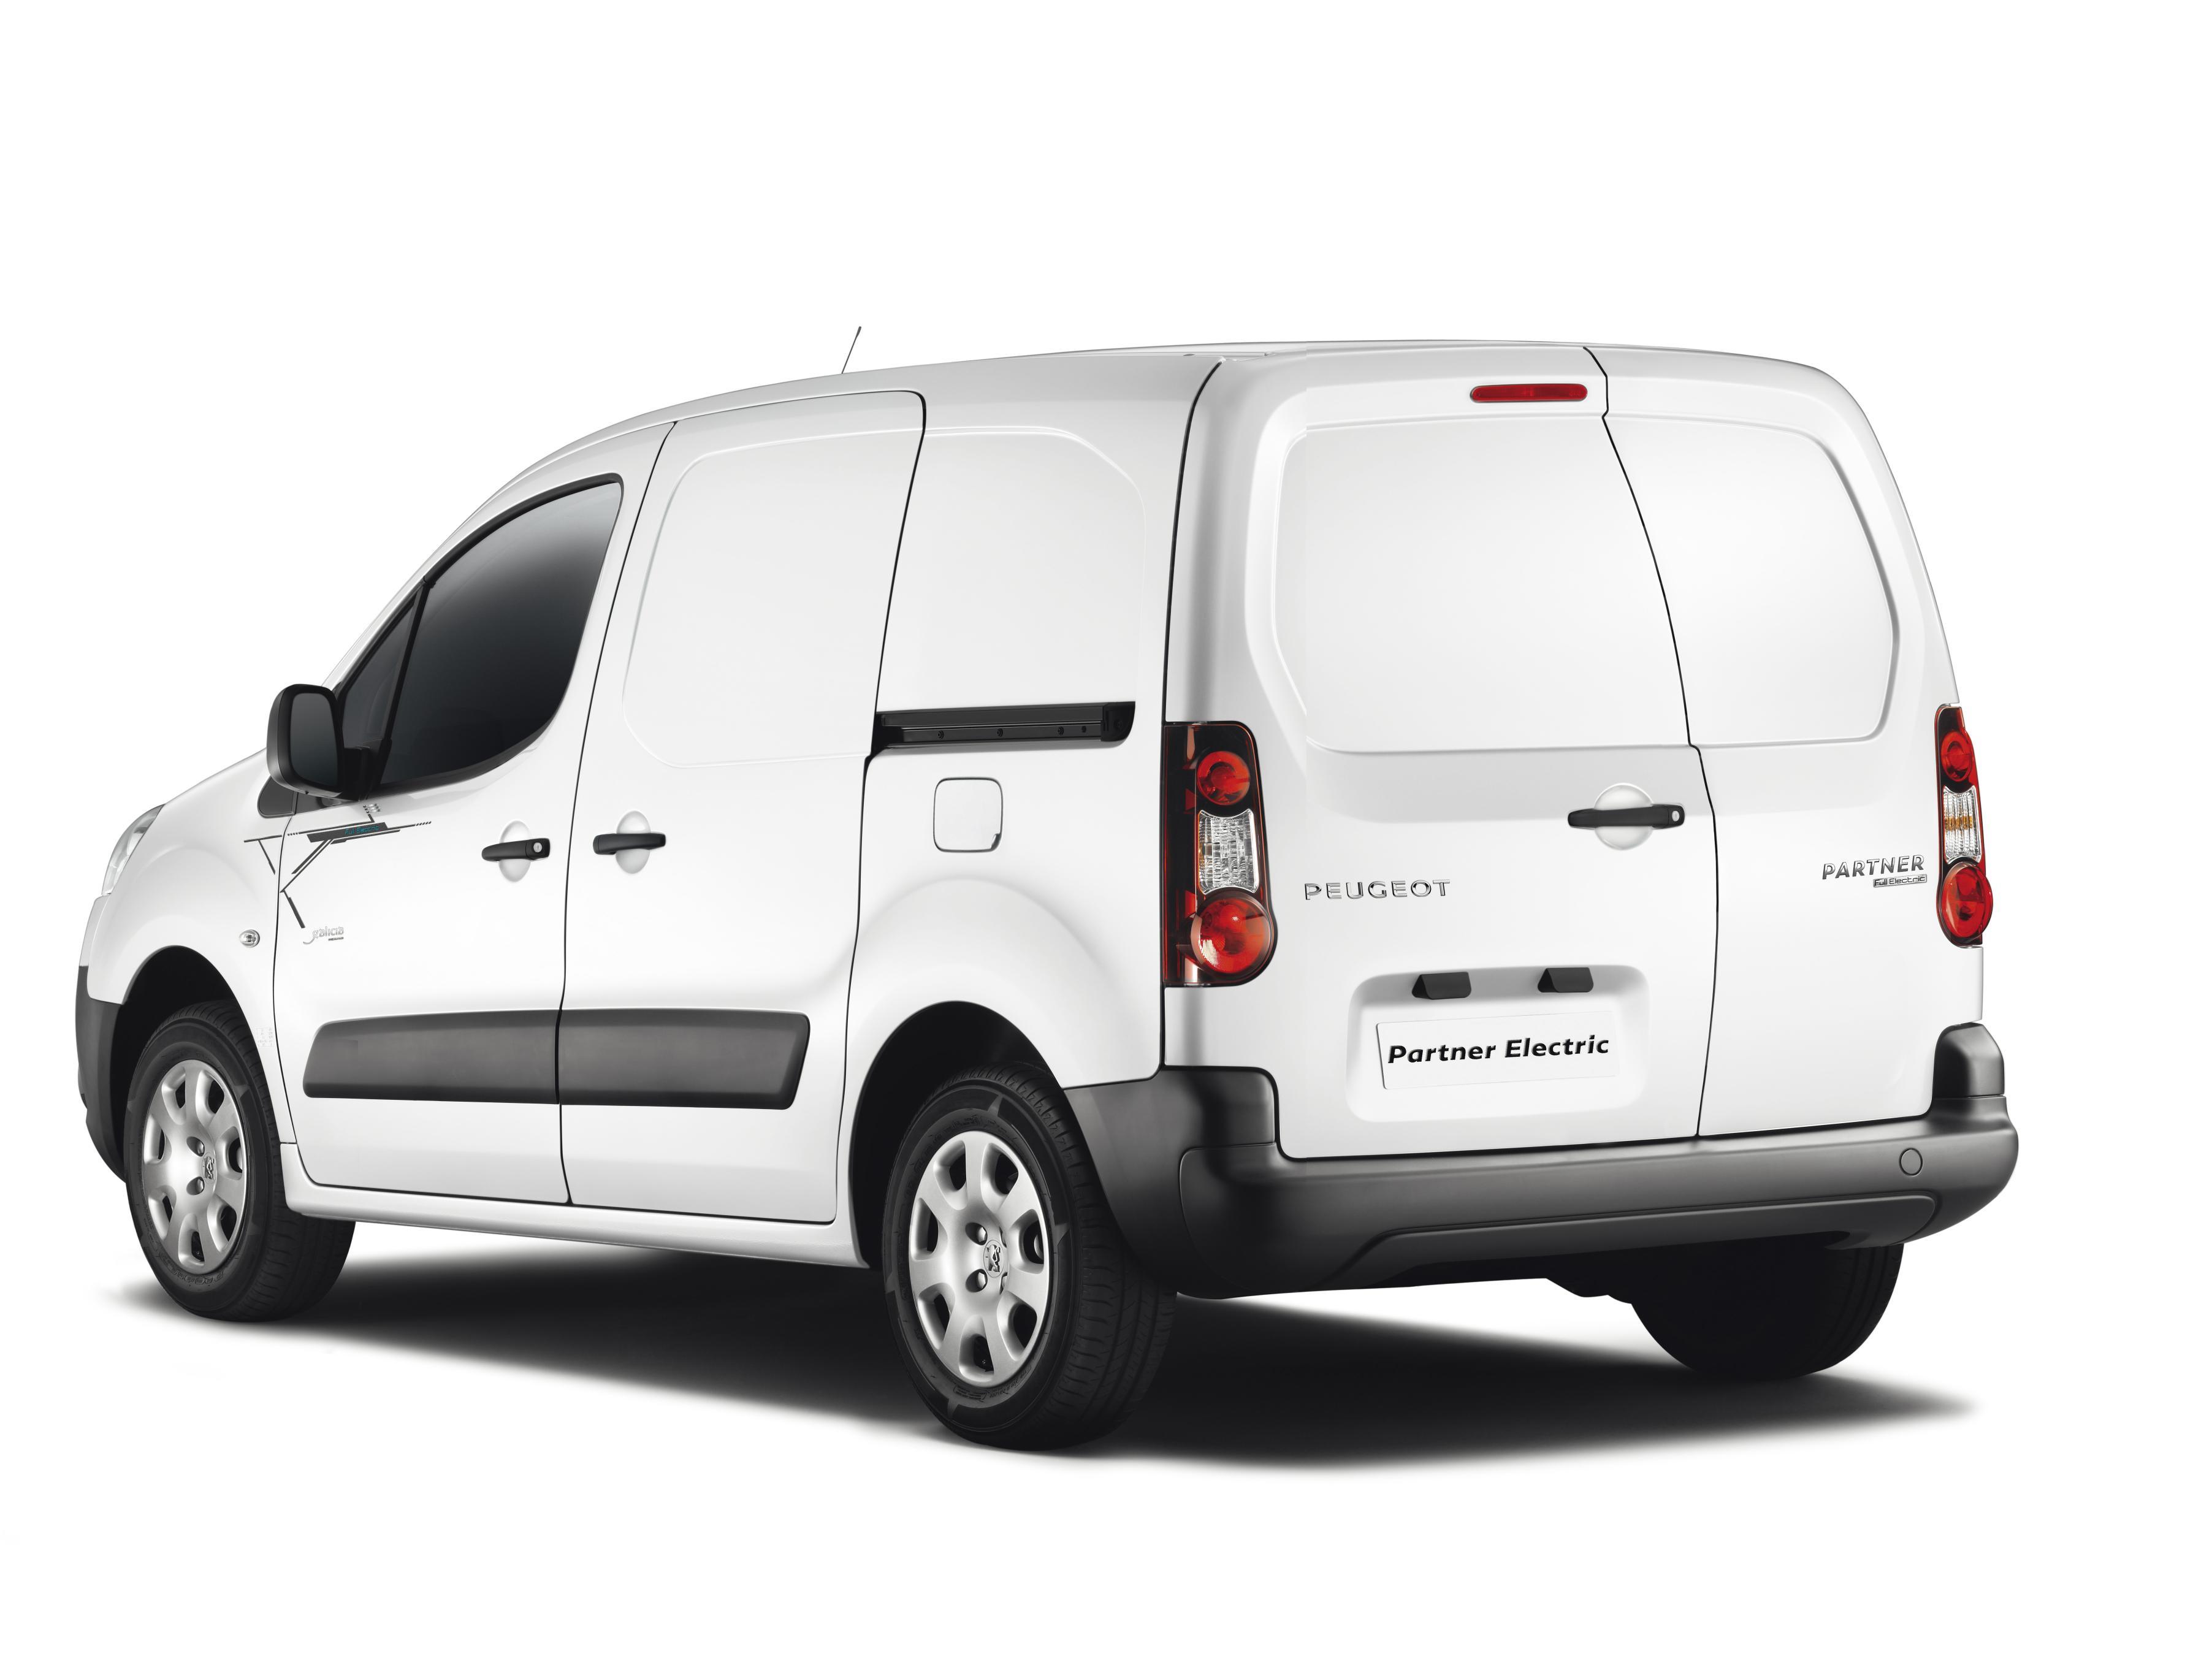 Peugeot Partner - CommercialVehicle.com